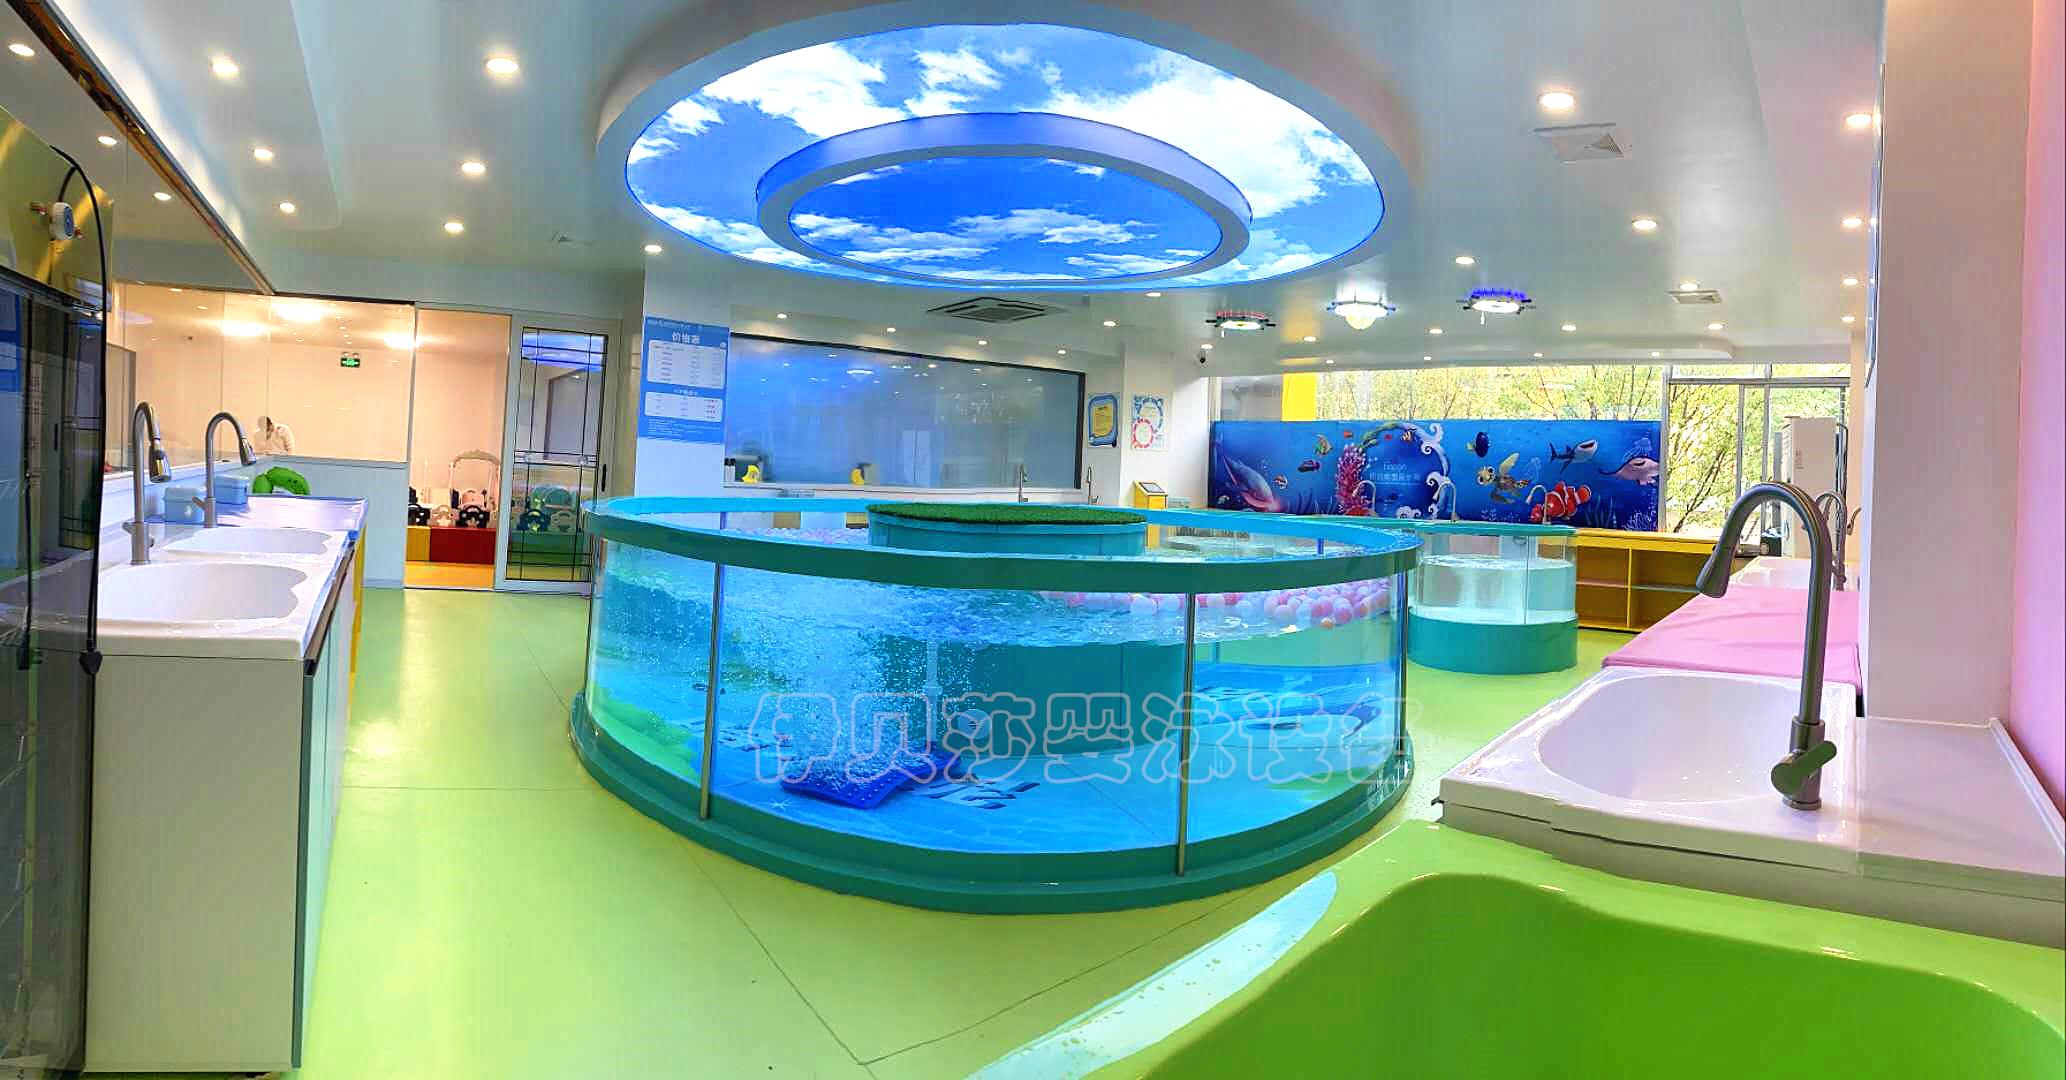 亲子玻璃游泳池,婴儿游泳玻璃池,儿童游泳玻璃池